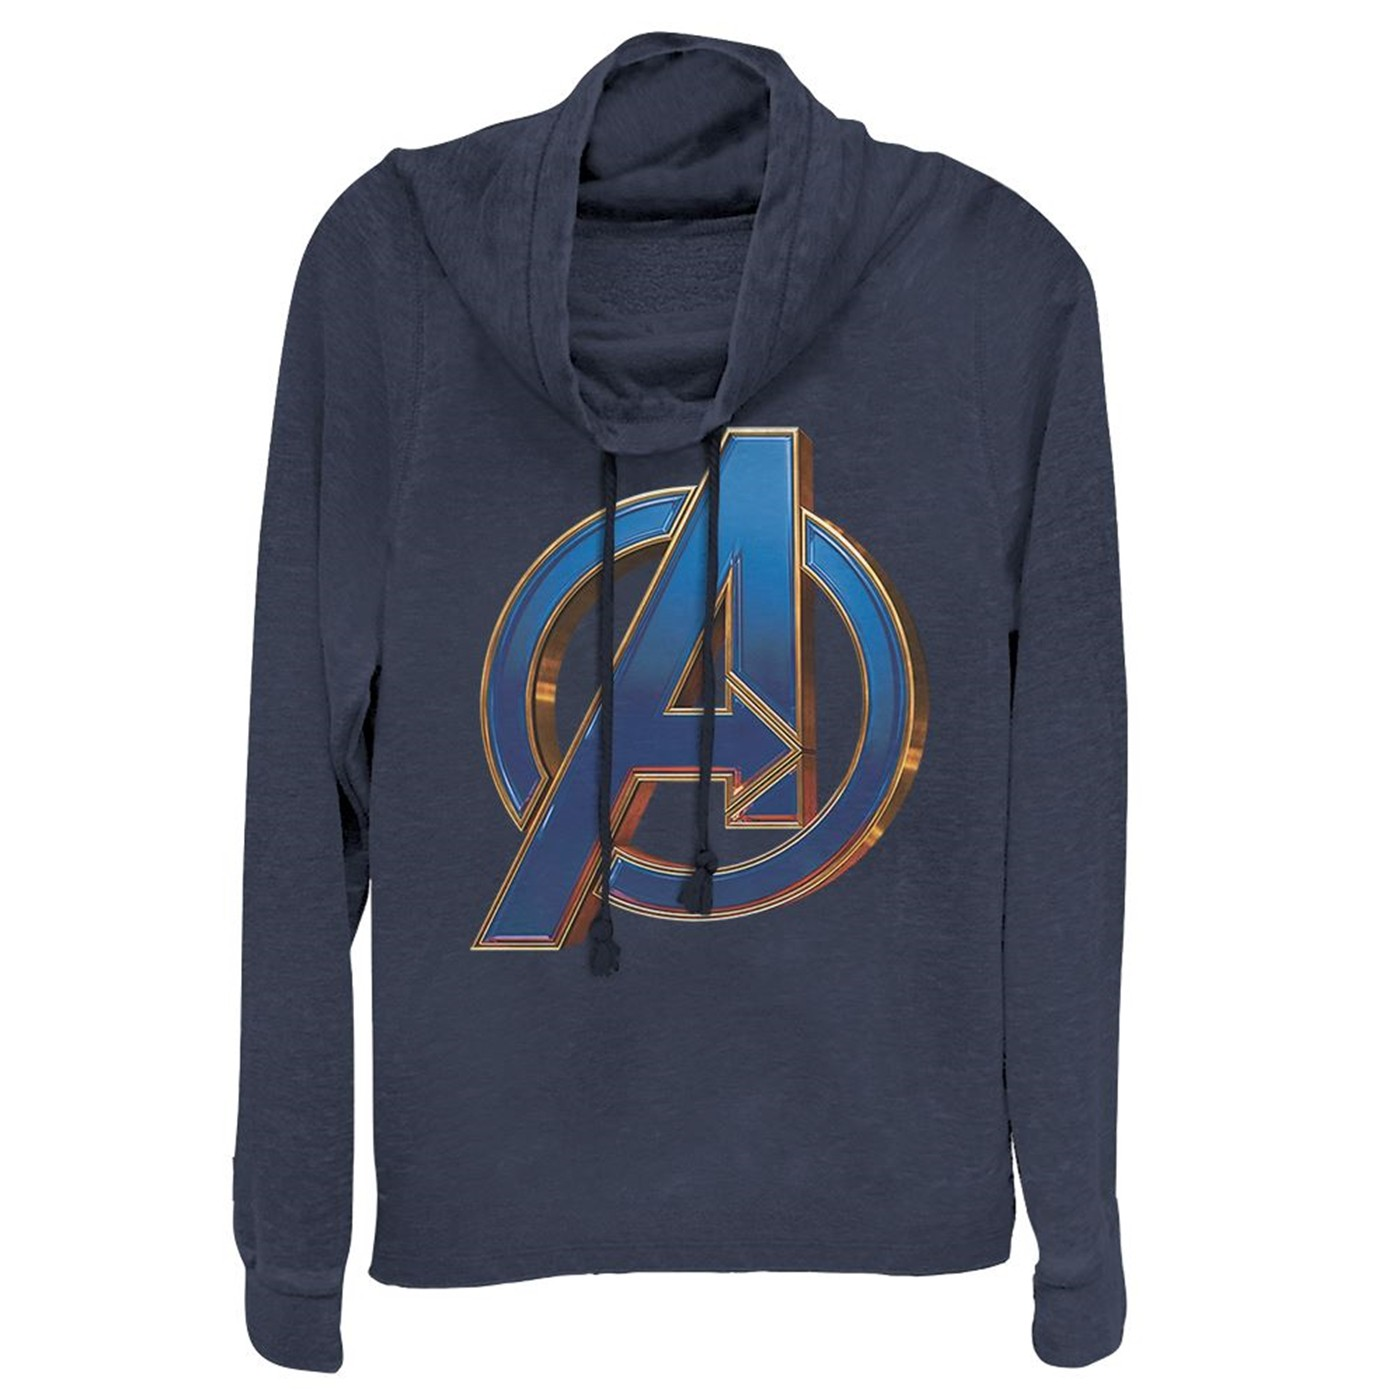 Avengers Endgame Blue Logo Women's Cowl Neck Sweater